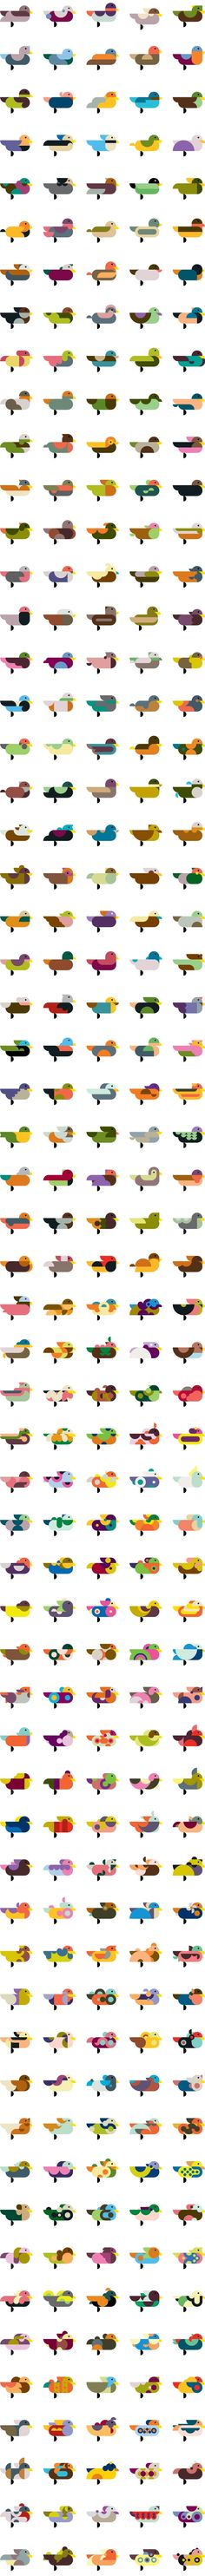 300 duck